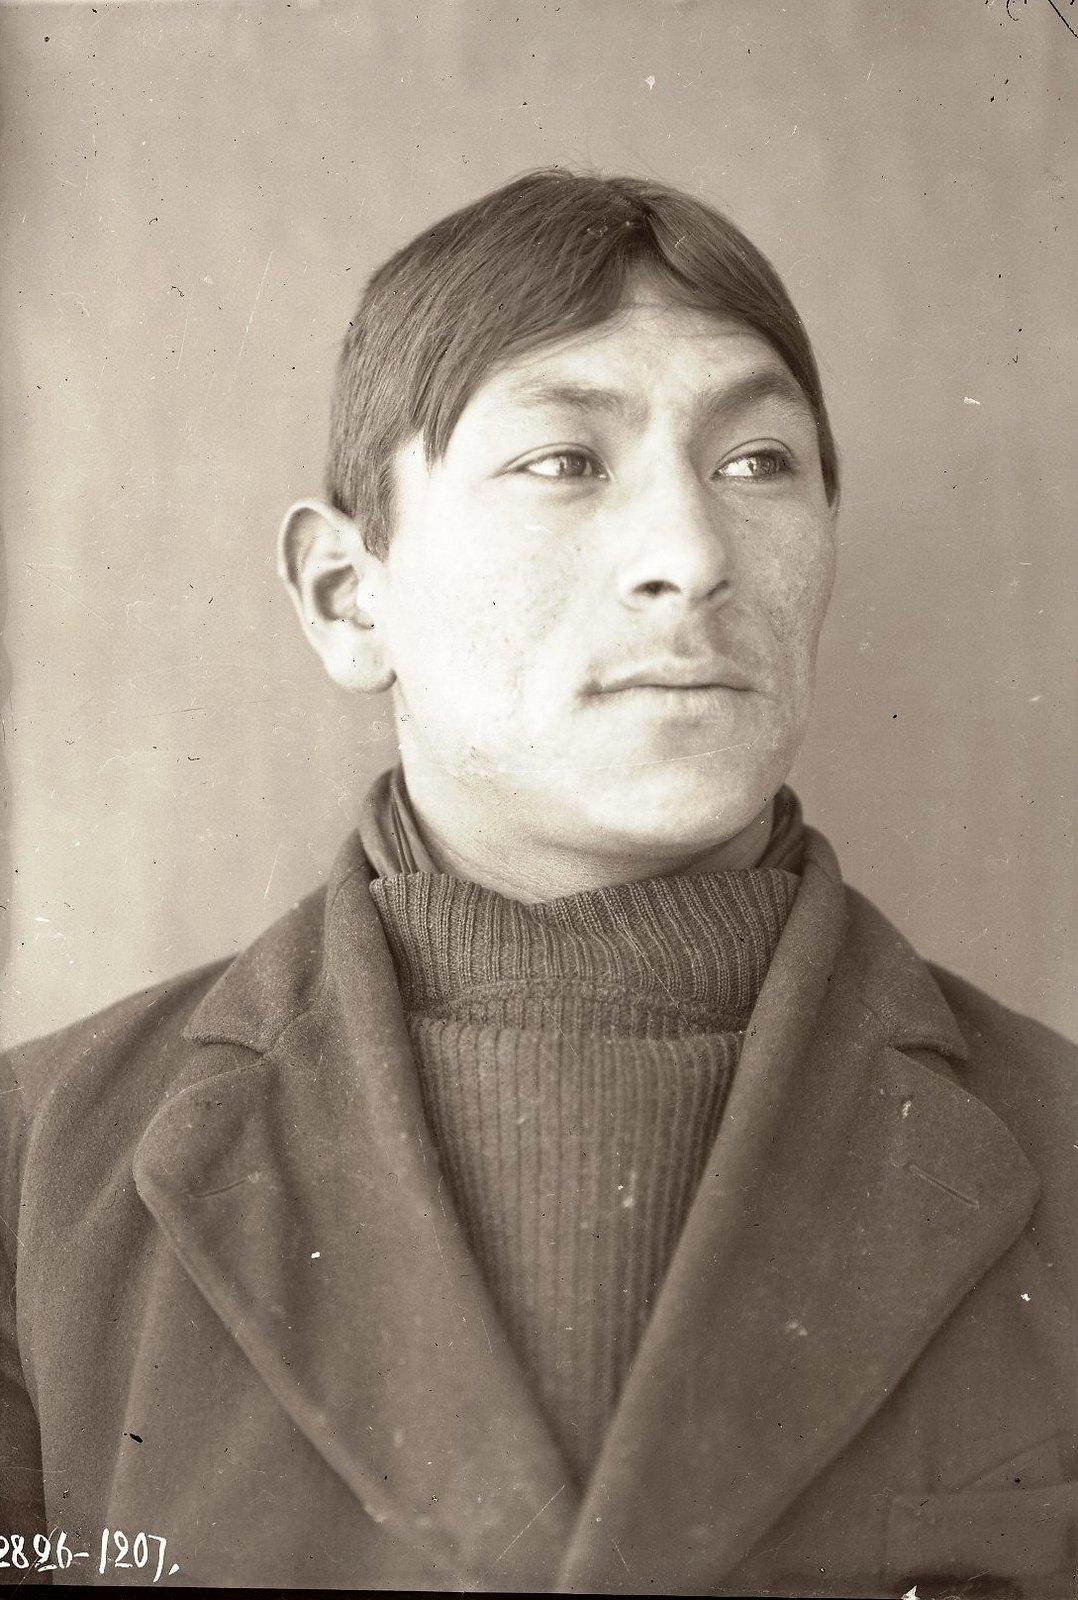 1909.10 февраля. марта. Александр Тетюхов. Андреяновские острова, Атка остров.